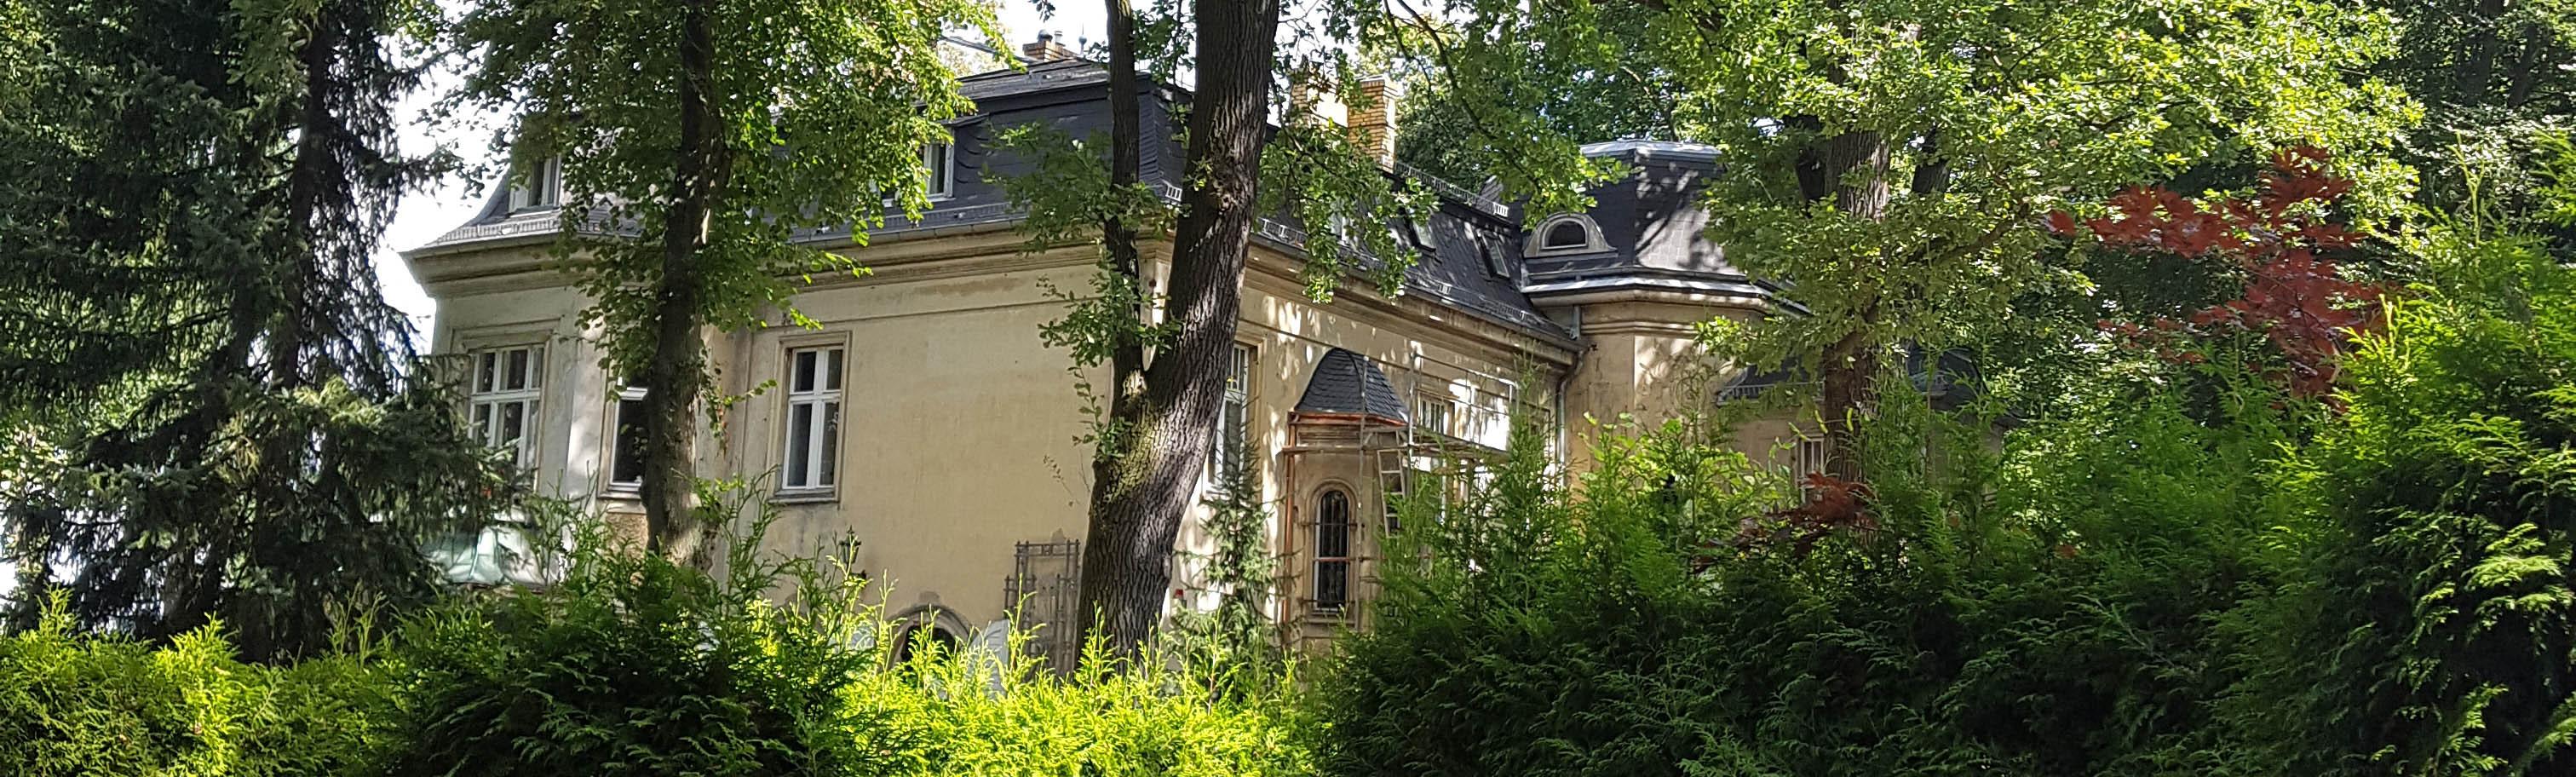 Haus Verschönern | Dachdeckerei Manz